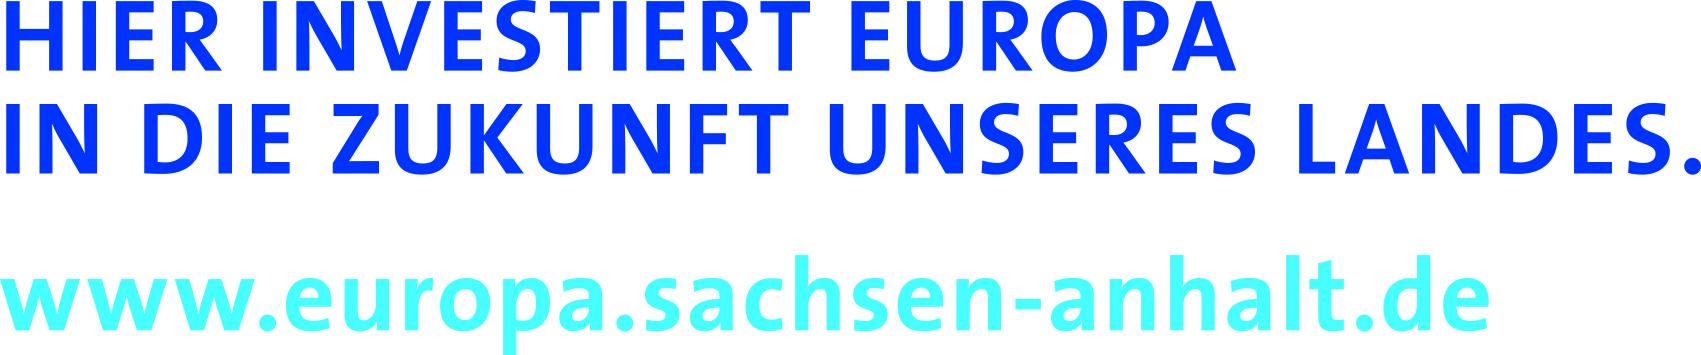 http://www.europa.sachsen-anhalt.de/fileadmin/Bibliothek/Politik_und_Verwaltung/StK/Europa/Bibliothek_EU-Fonds/ESI-Fonds_2014-2020/Gestaltungsrichtlinien_ESI-Fonds/Vorlagen_EFRE/EFRE_hier.investiert.europa.in.d.zukunft_4c_print.jpg